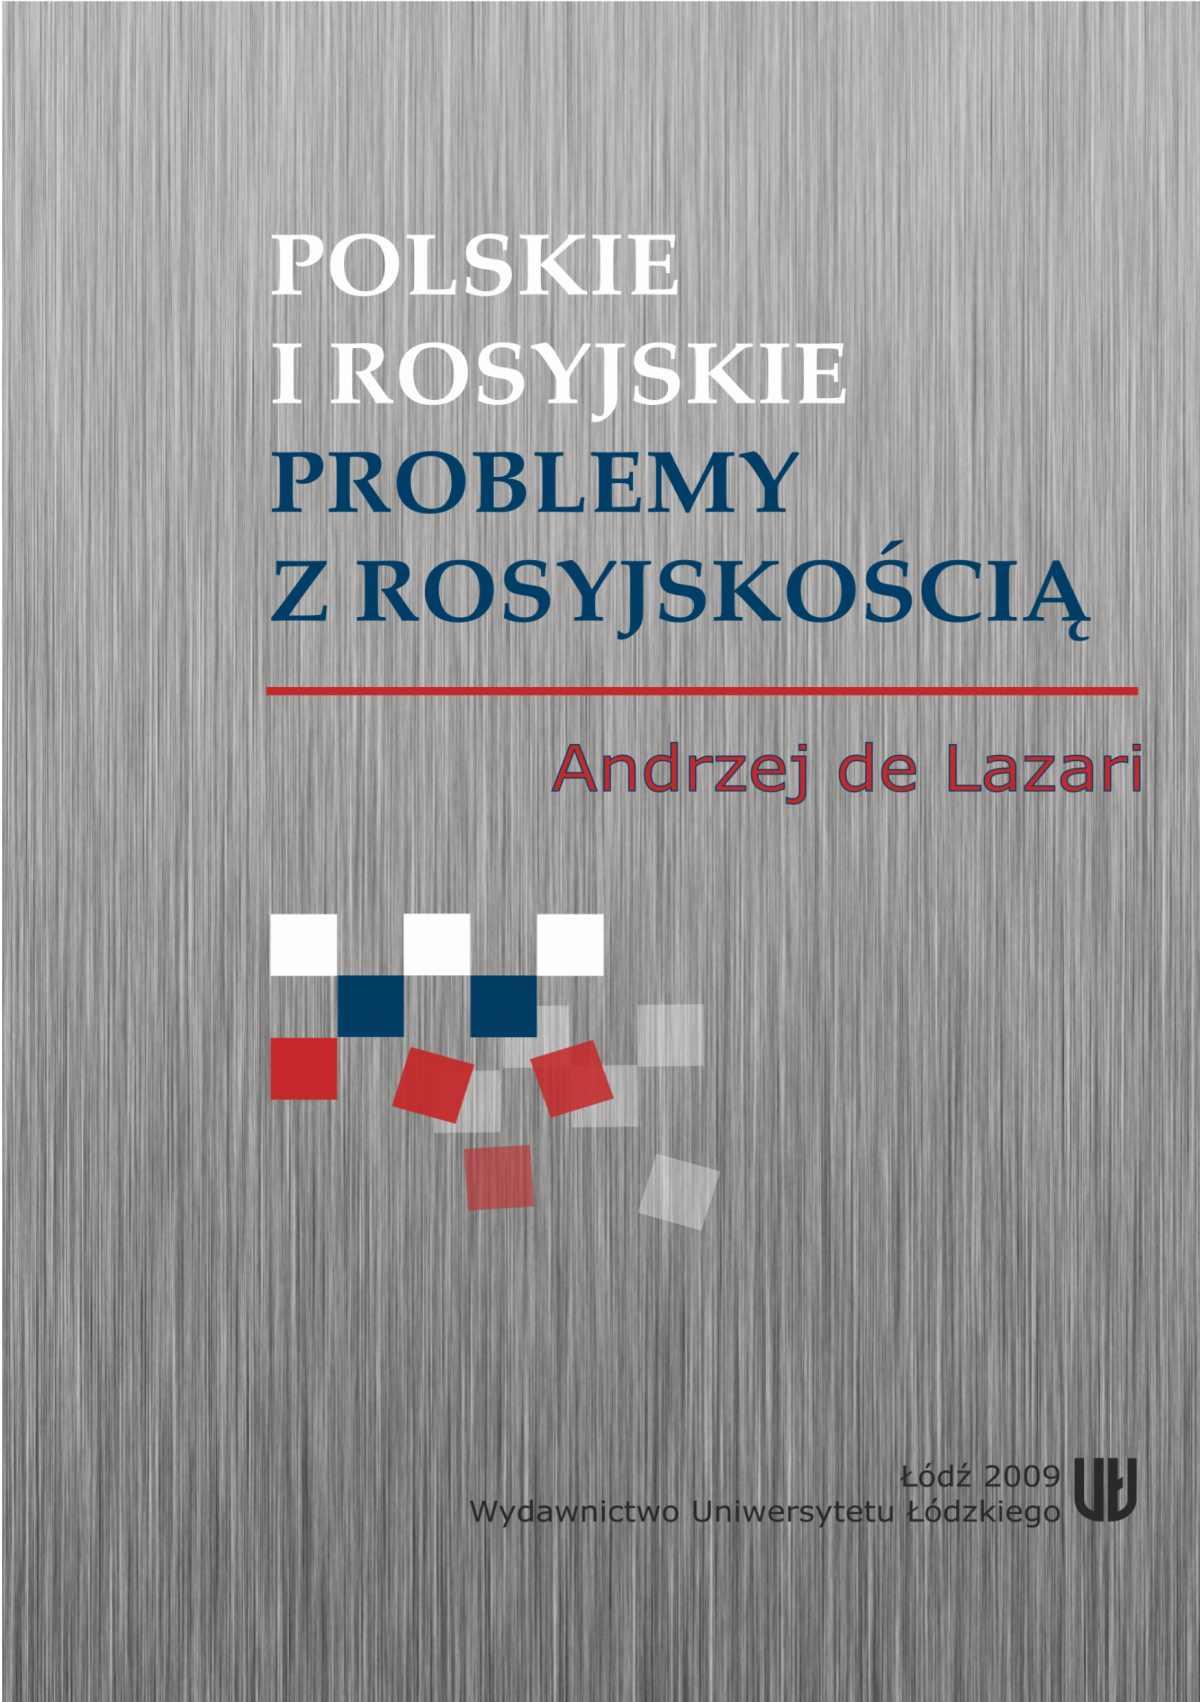 Polskie i rosyjskie problemy z rosyjskością - Ebook (Książka PDF) do pobrania w formacie PDF